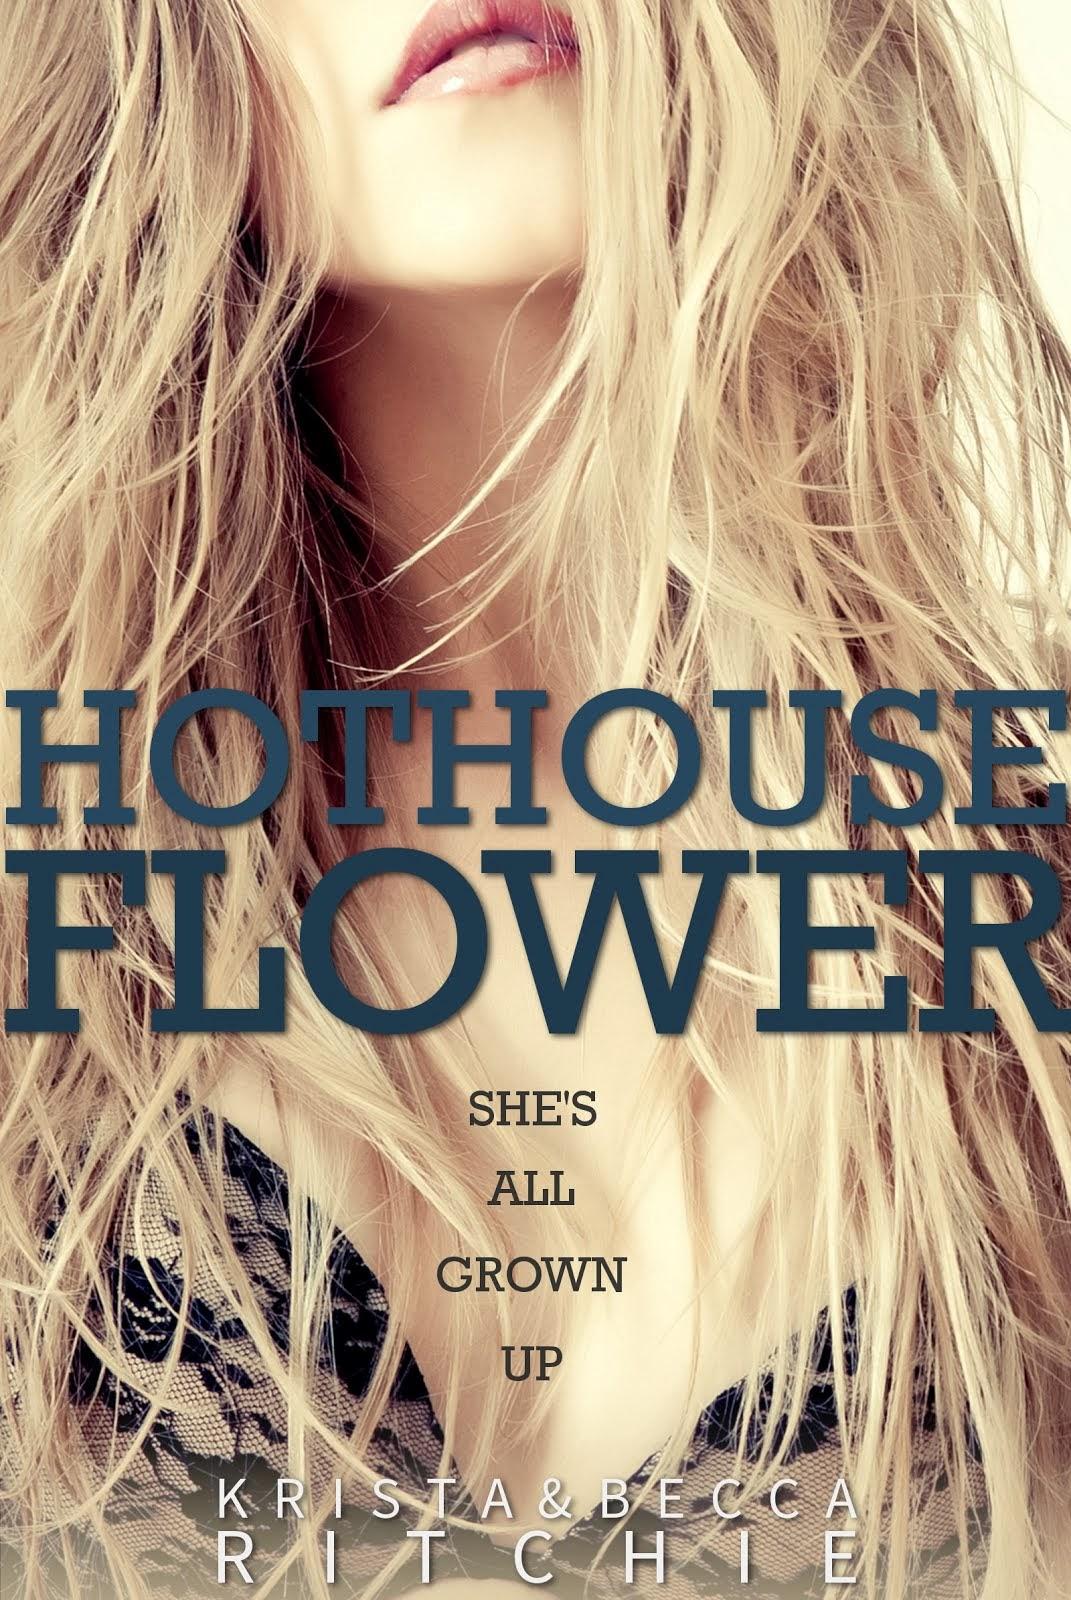 https://www.goodreads.com/book/show/18308266-hothouse-flower